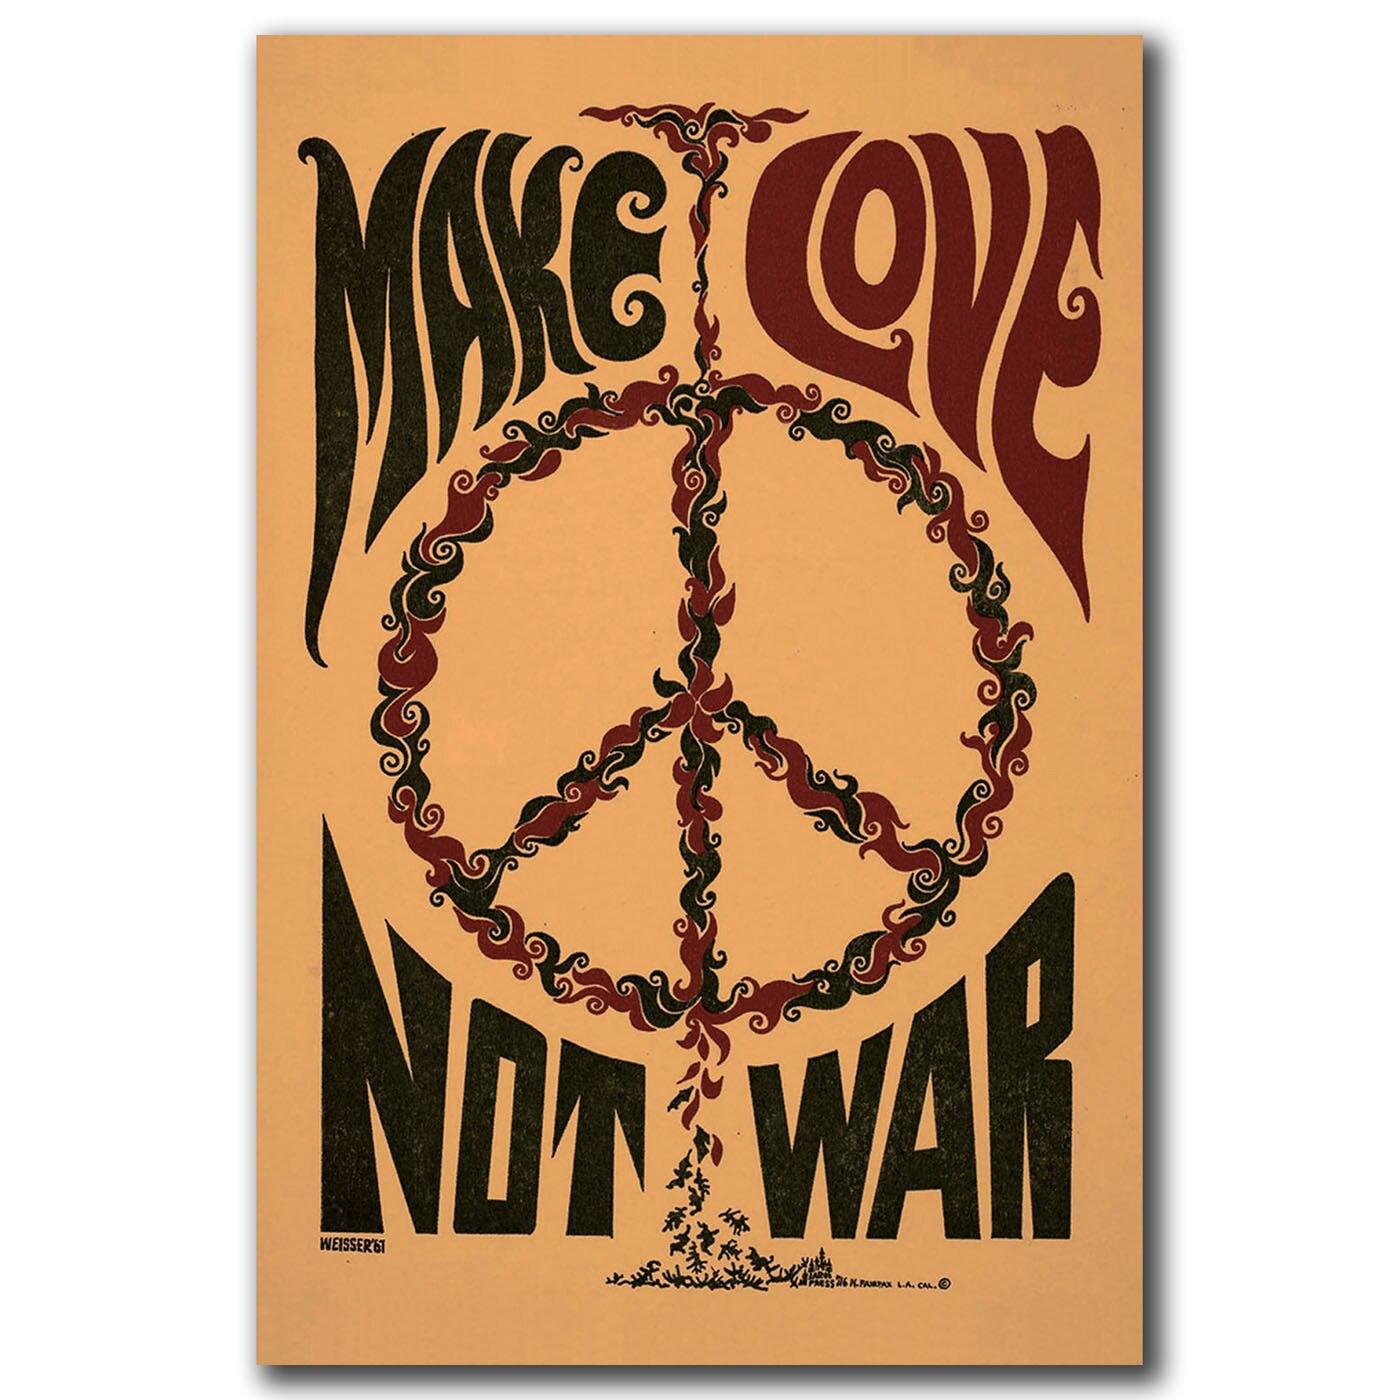 Q0757 cartazes e impressões fazer amor não guerra eua 1967 clássico quente 12x18 24x36in arte cartaz da lona pintura decoração casa